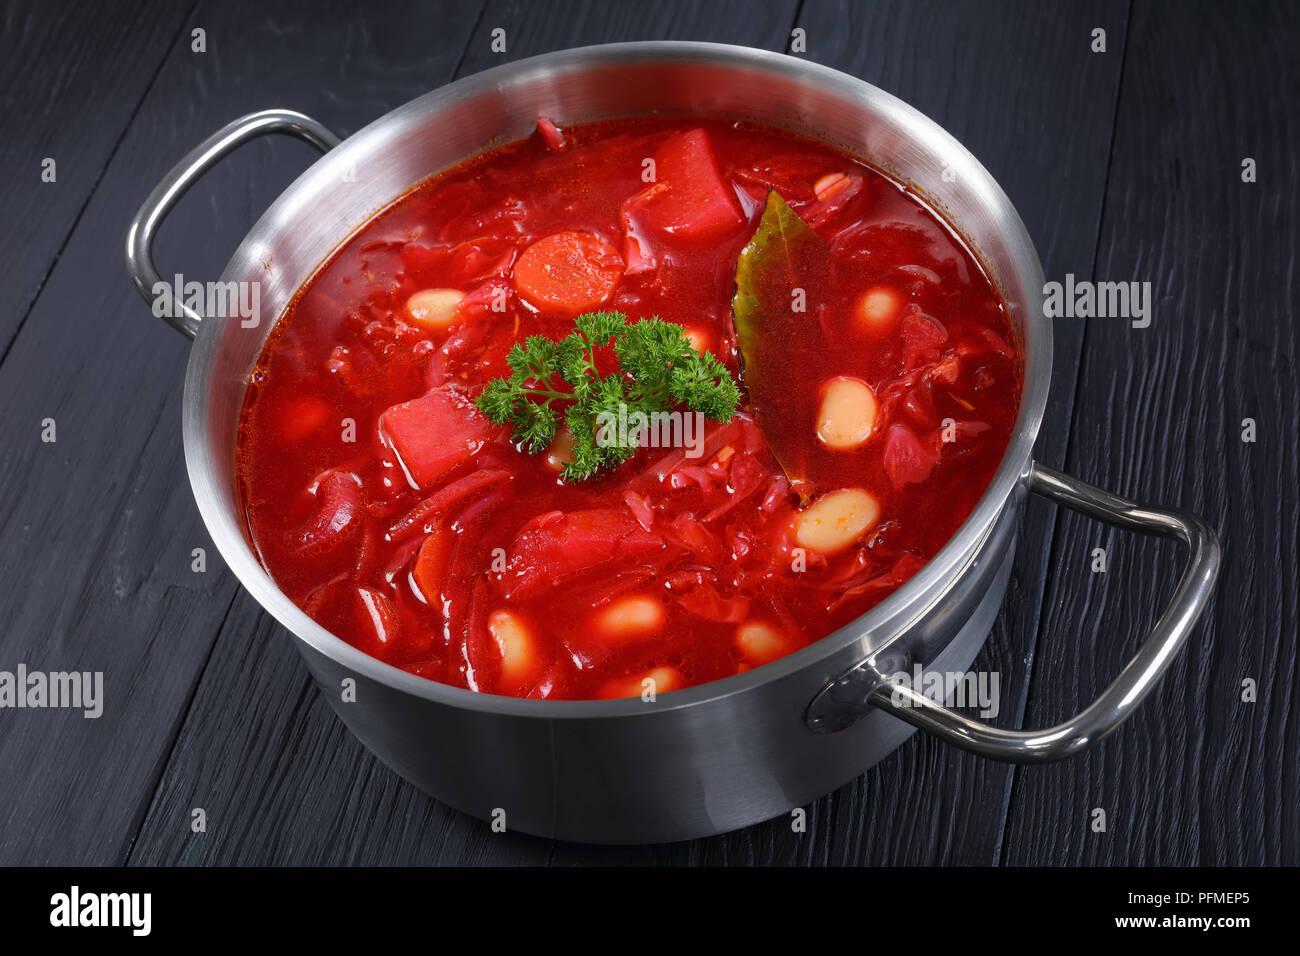 Deliciosa Sopa De Remolacha Roja Con Judías Blancas O